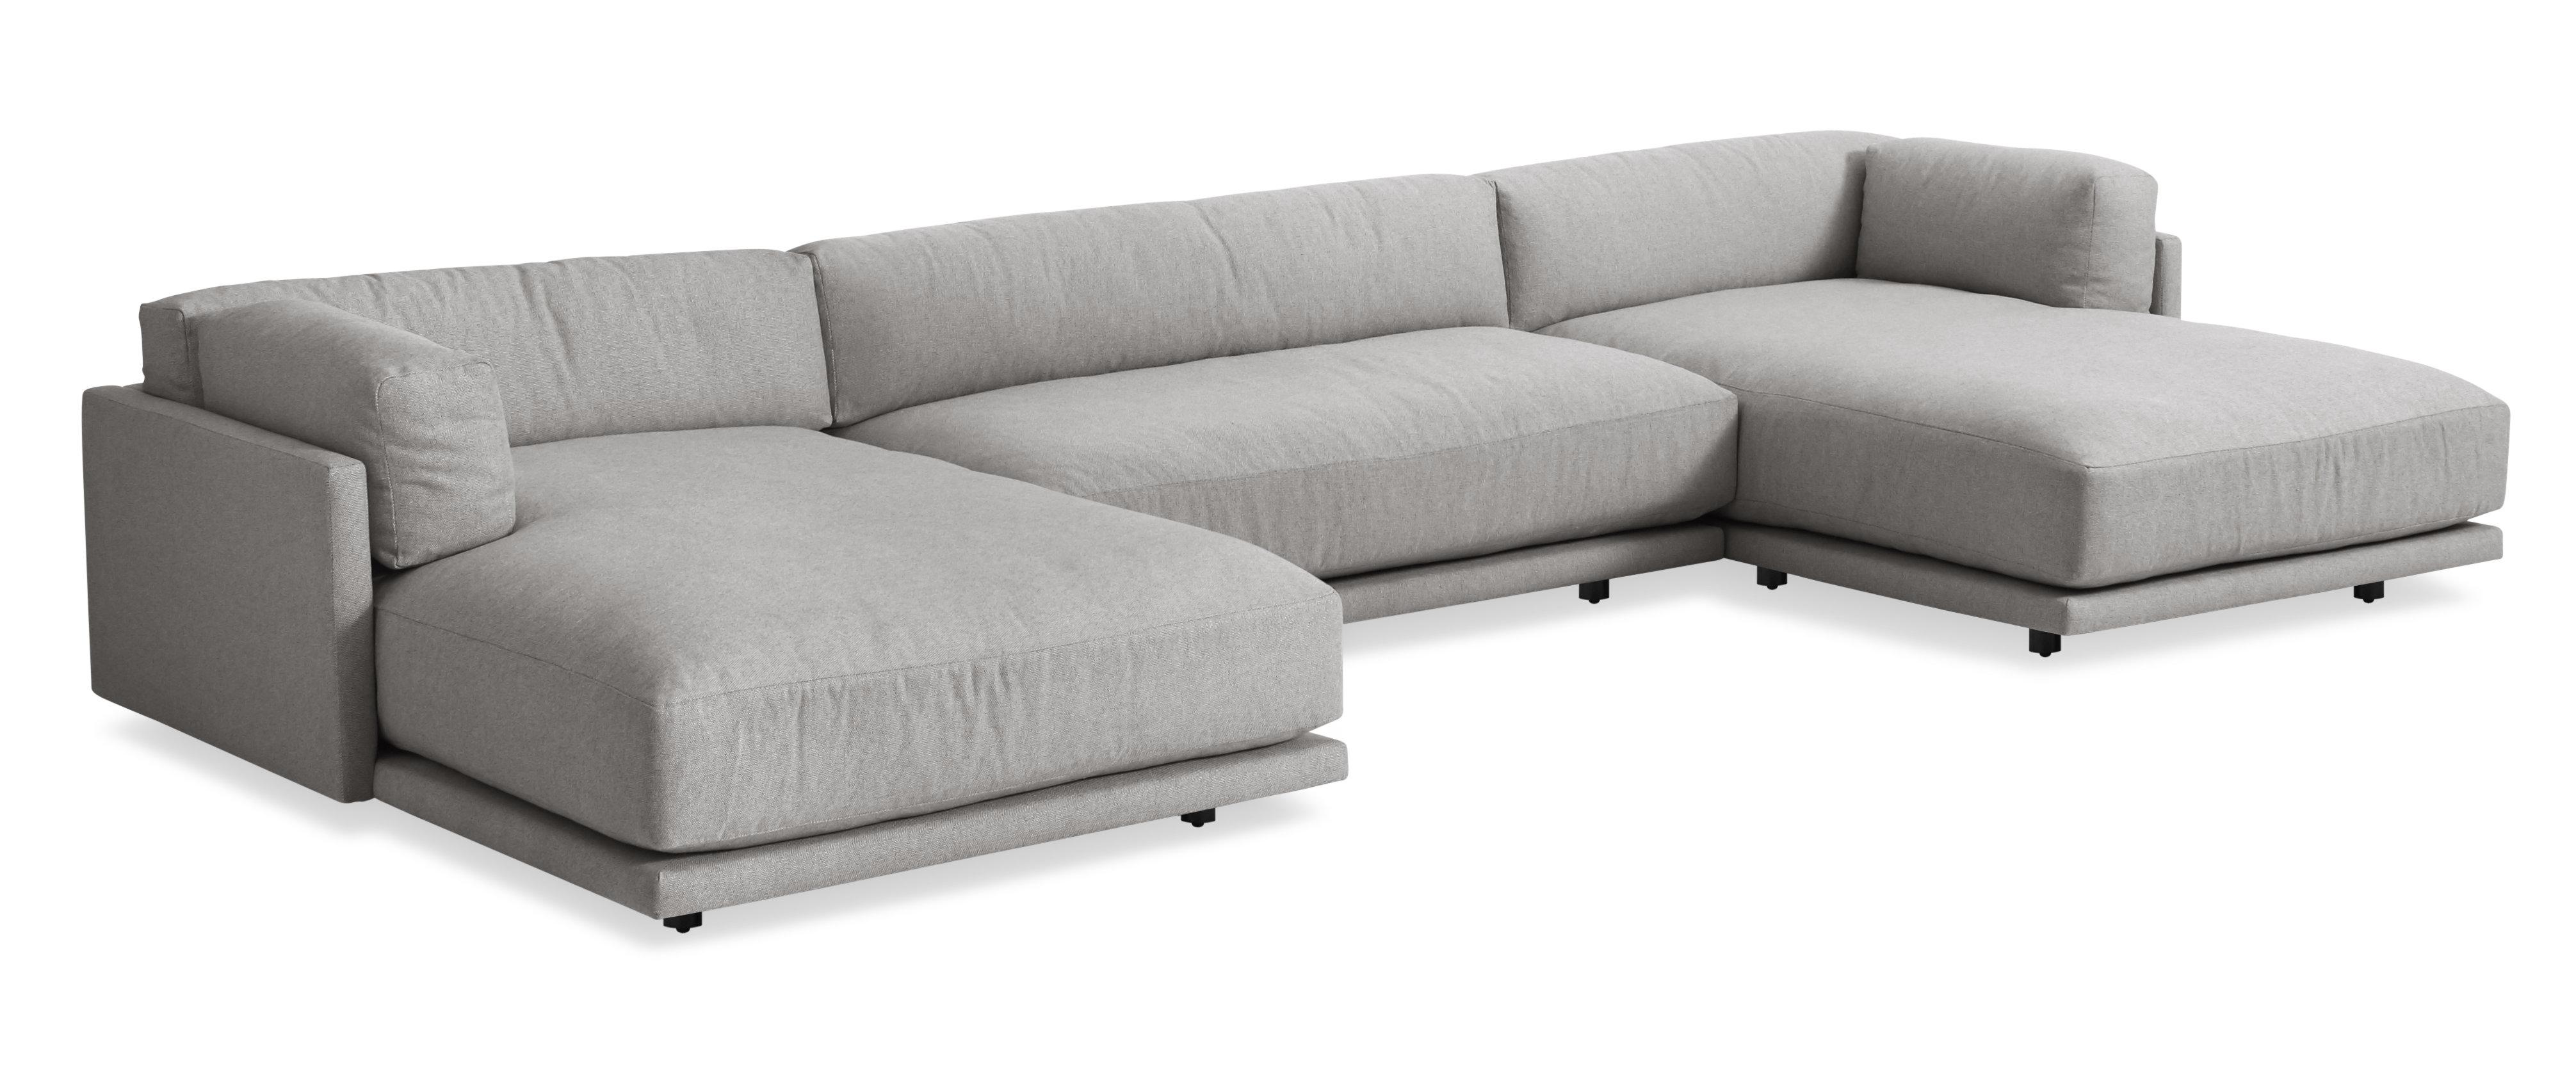 Sunday U-Shaped Sectional Sofa